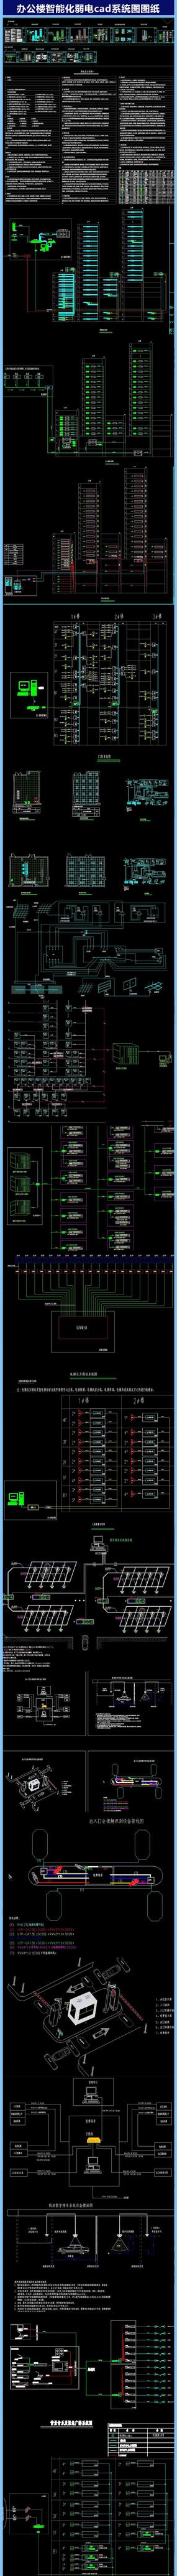 办公楼智能化弱电cad系统图图纸